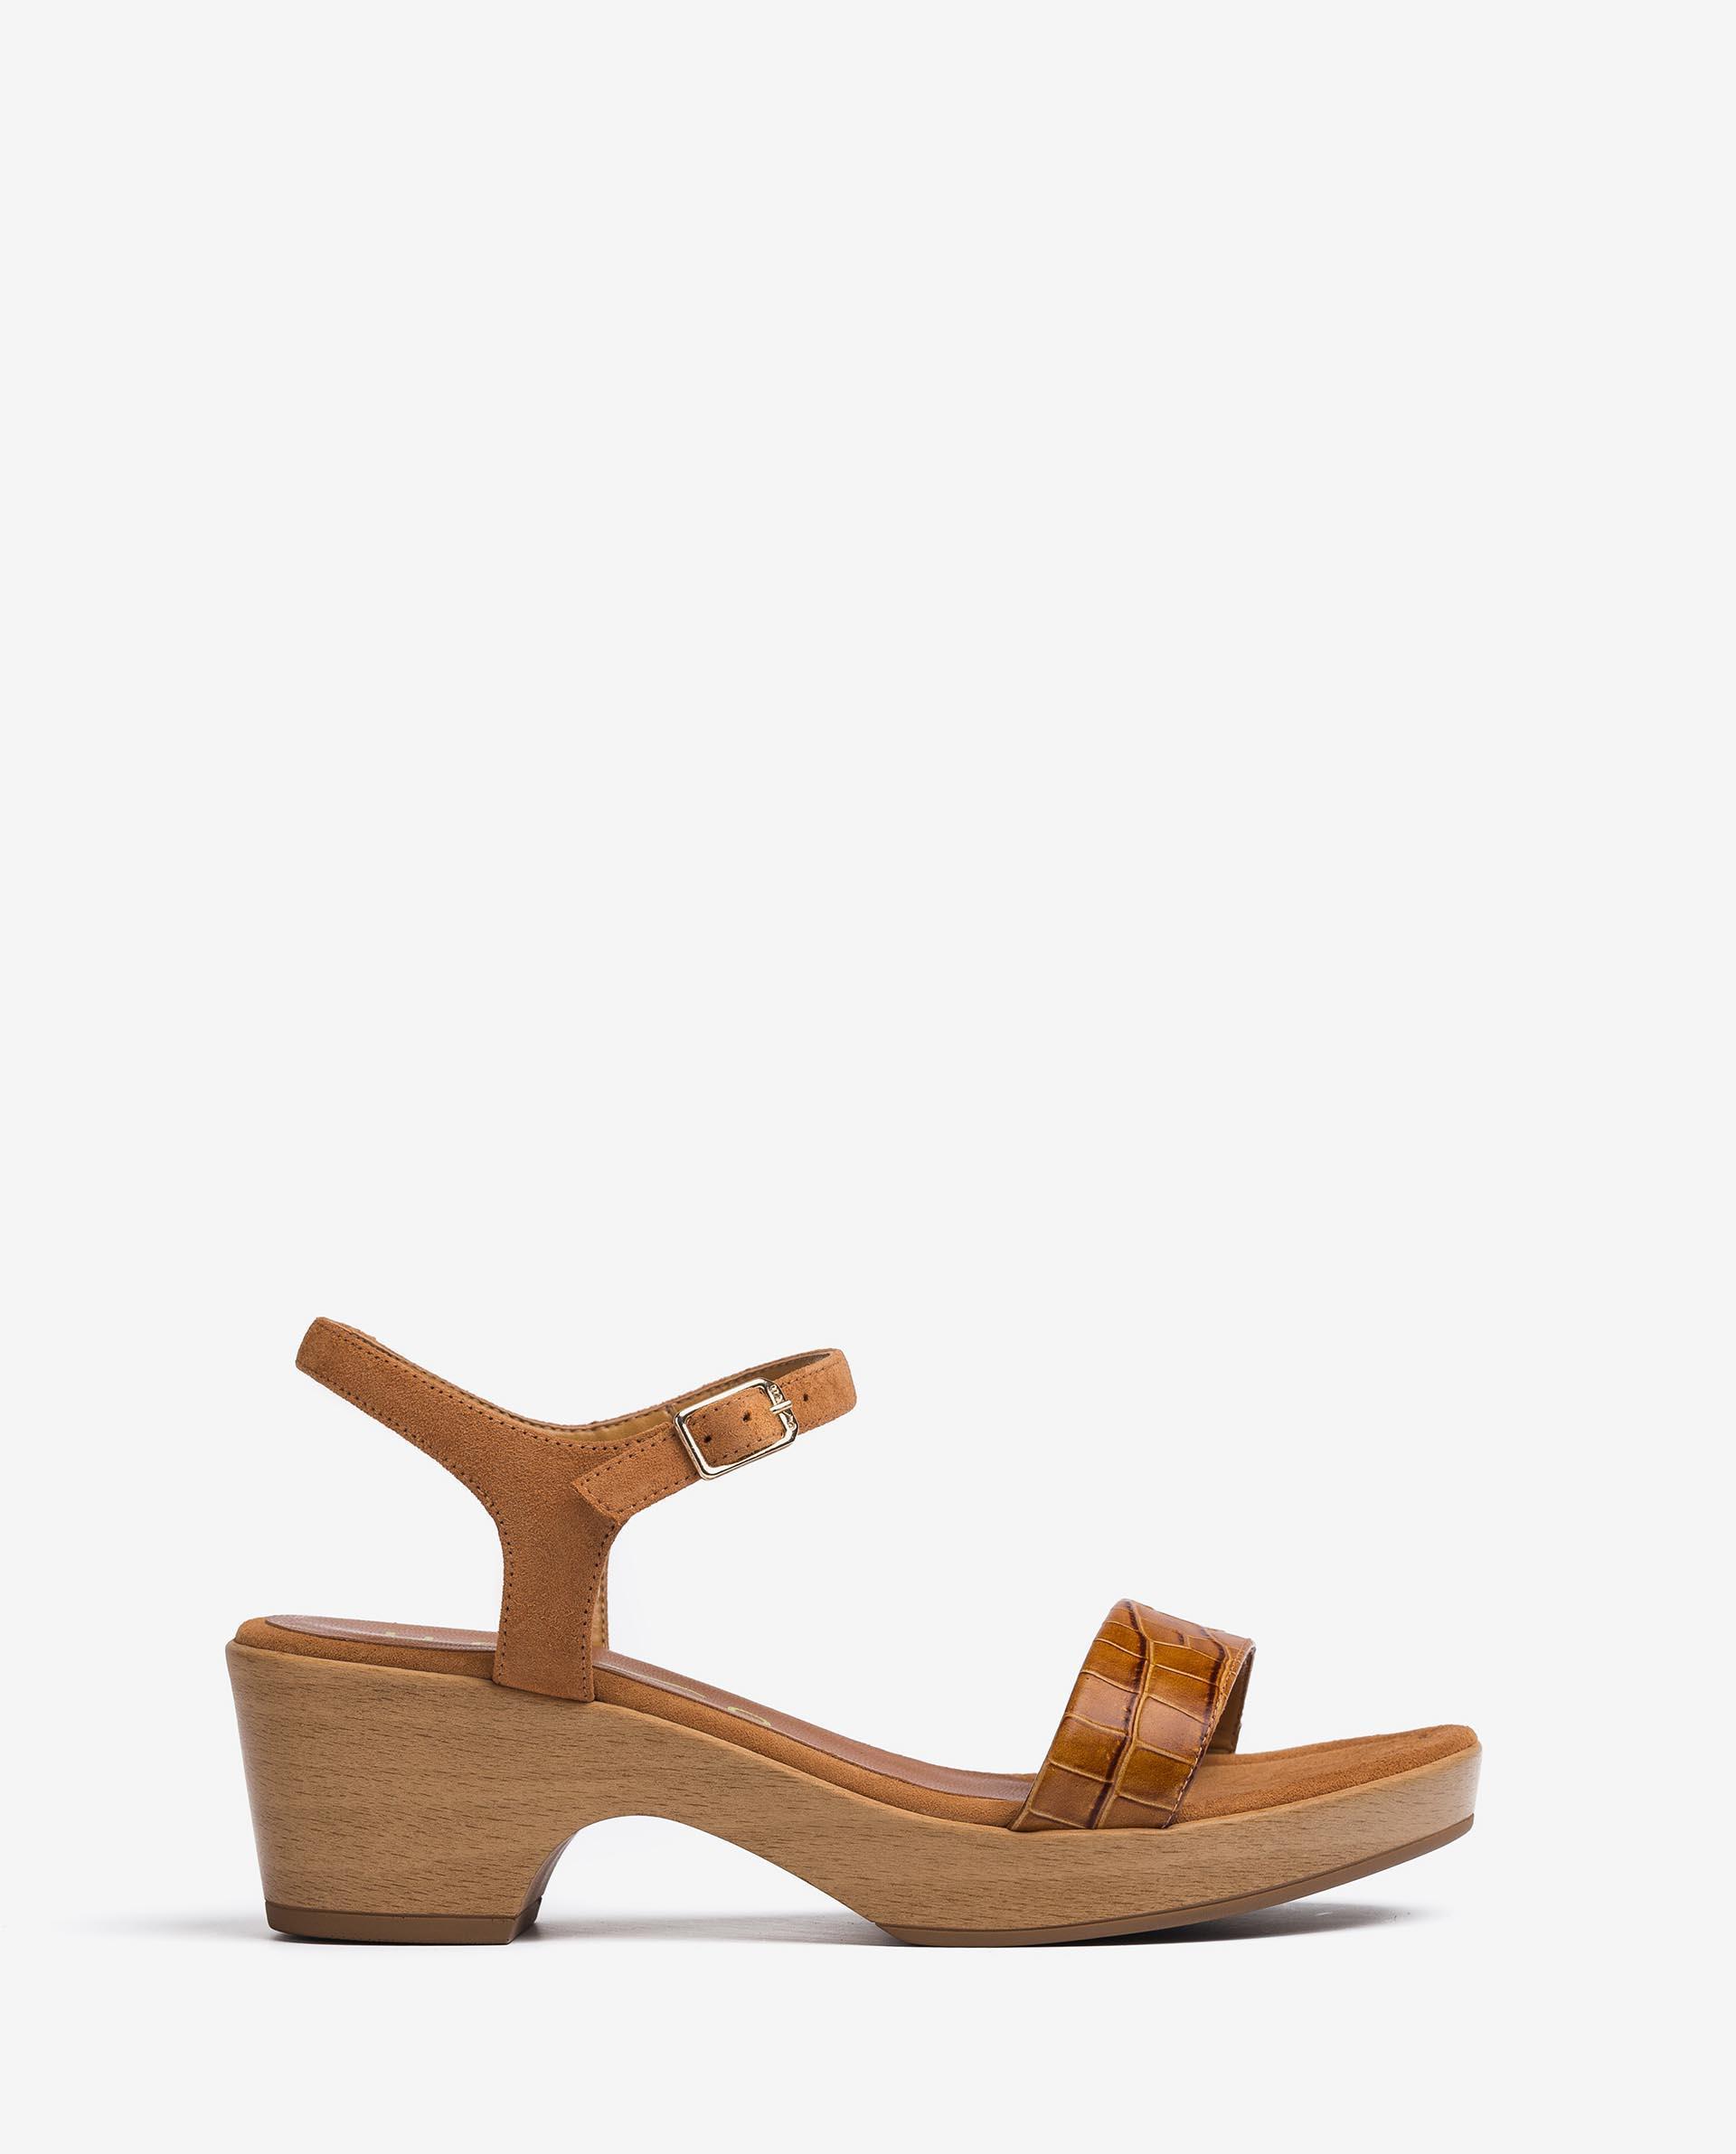 UNISA Croc effect block sandals IRITA_21_LAU_KS 2